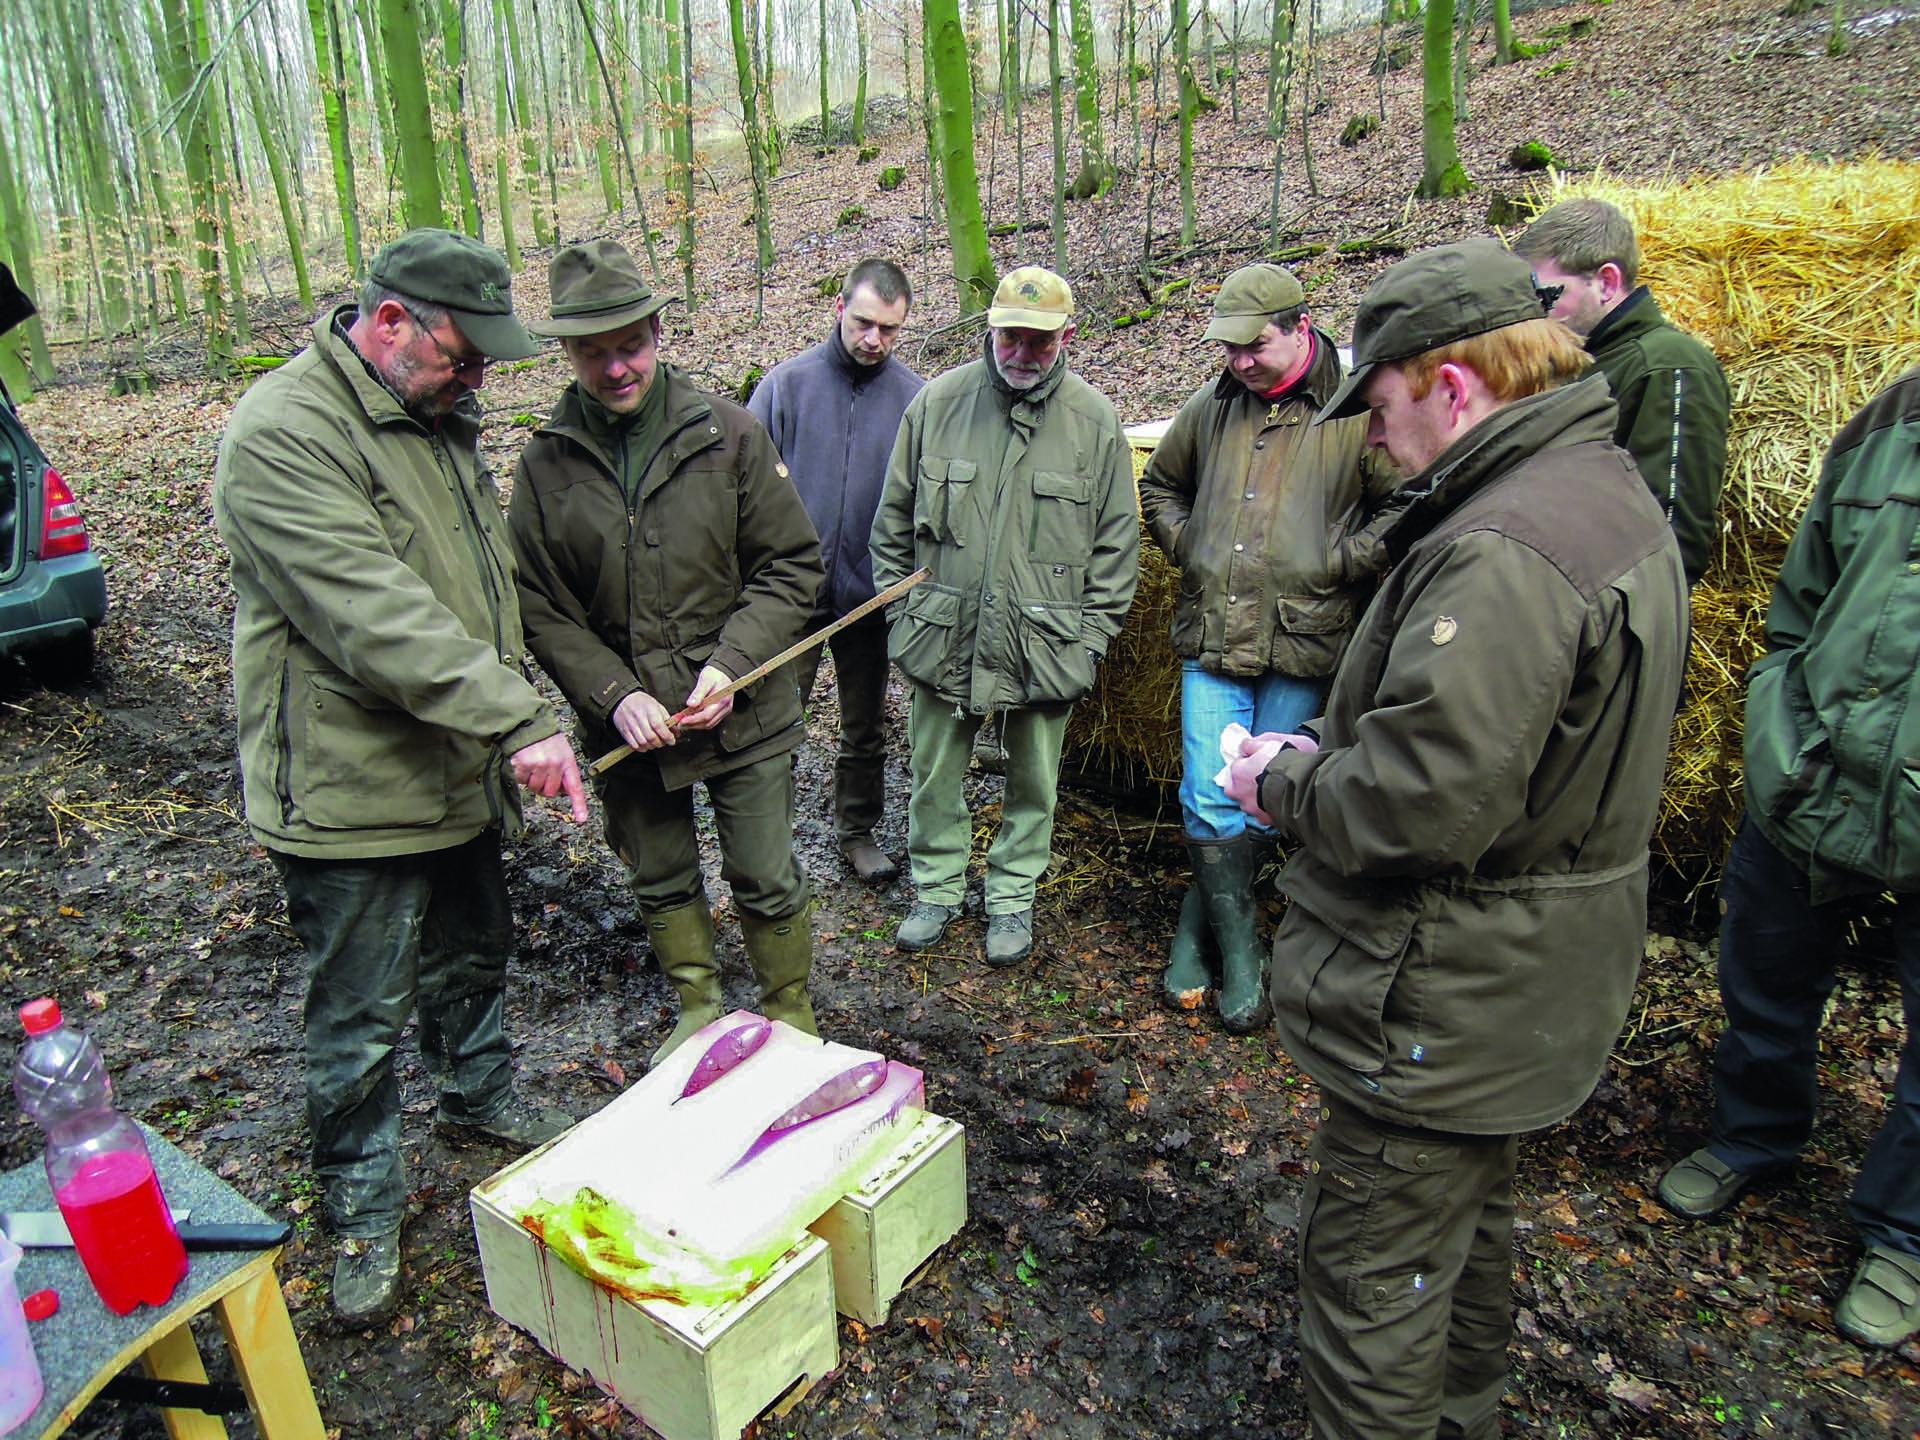 Aufmacher 2 Bild 03_DSCN1737 Kopie jaegermagazin jagd bleifreie munition kaliber beschuss buechse